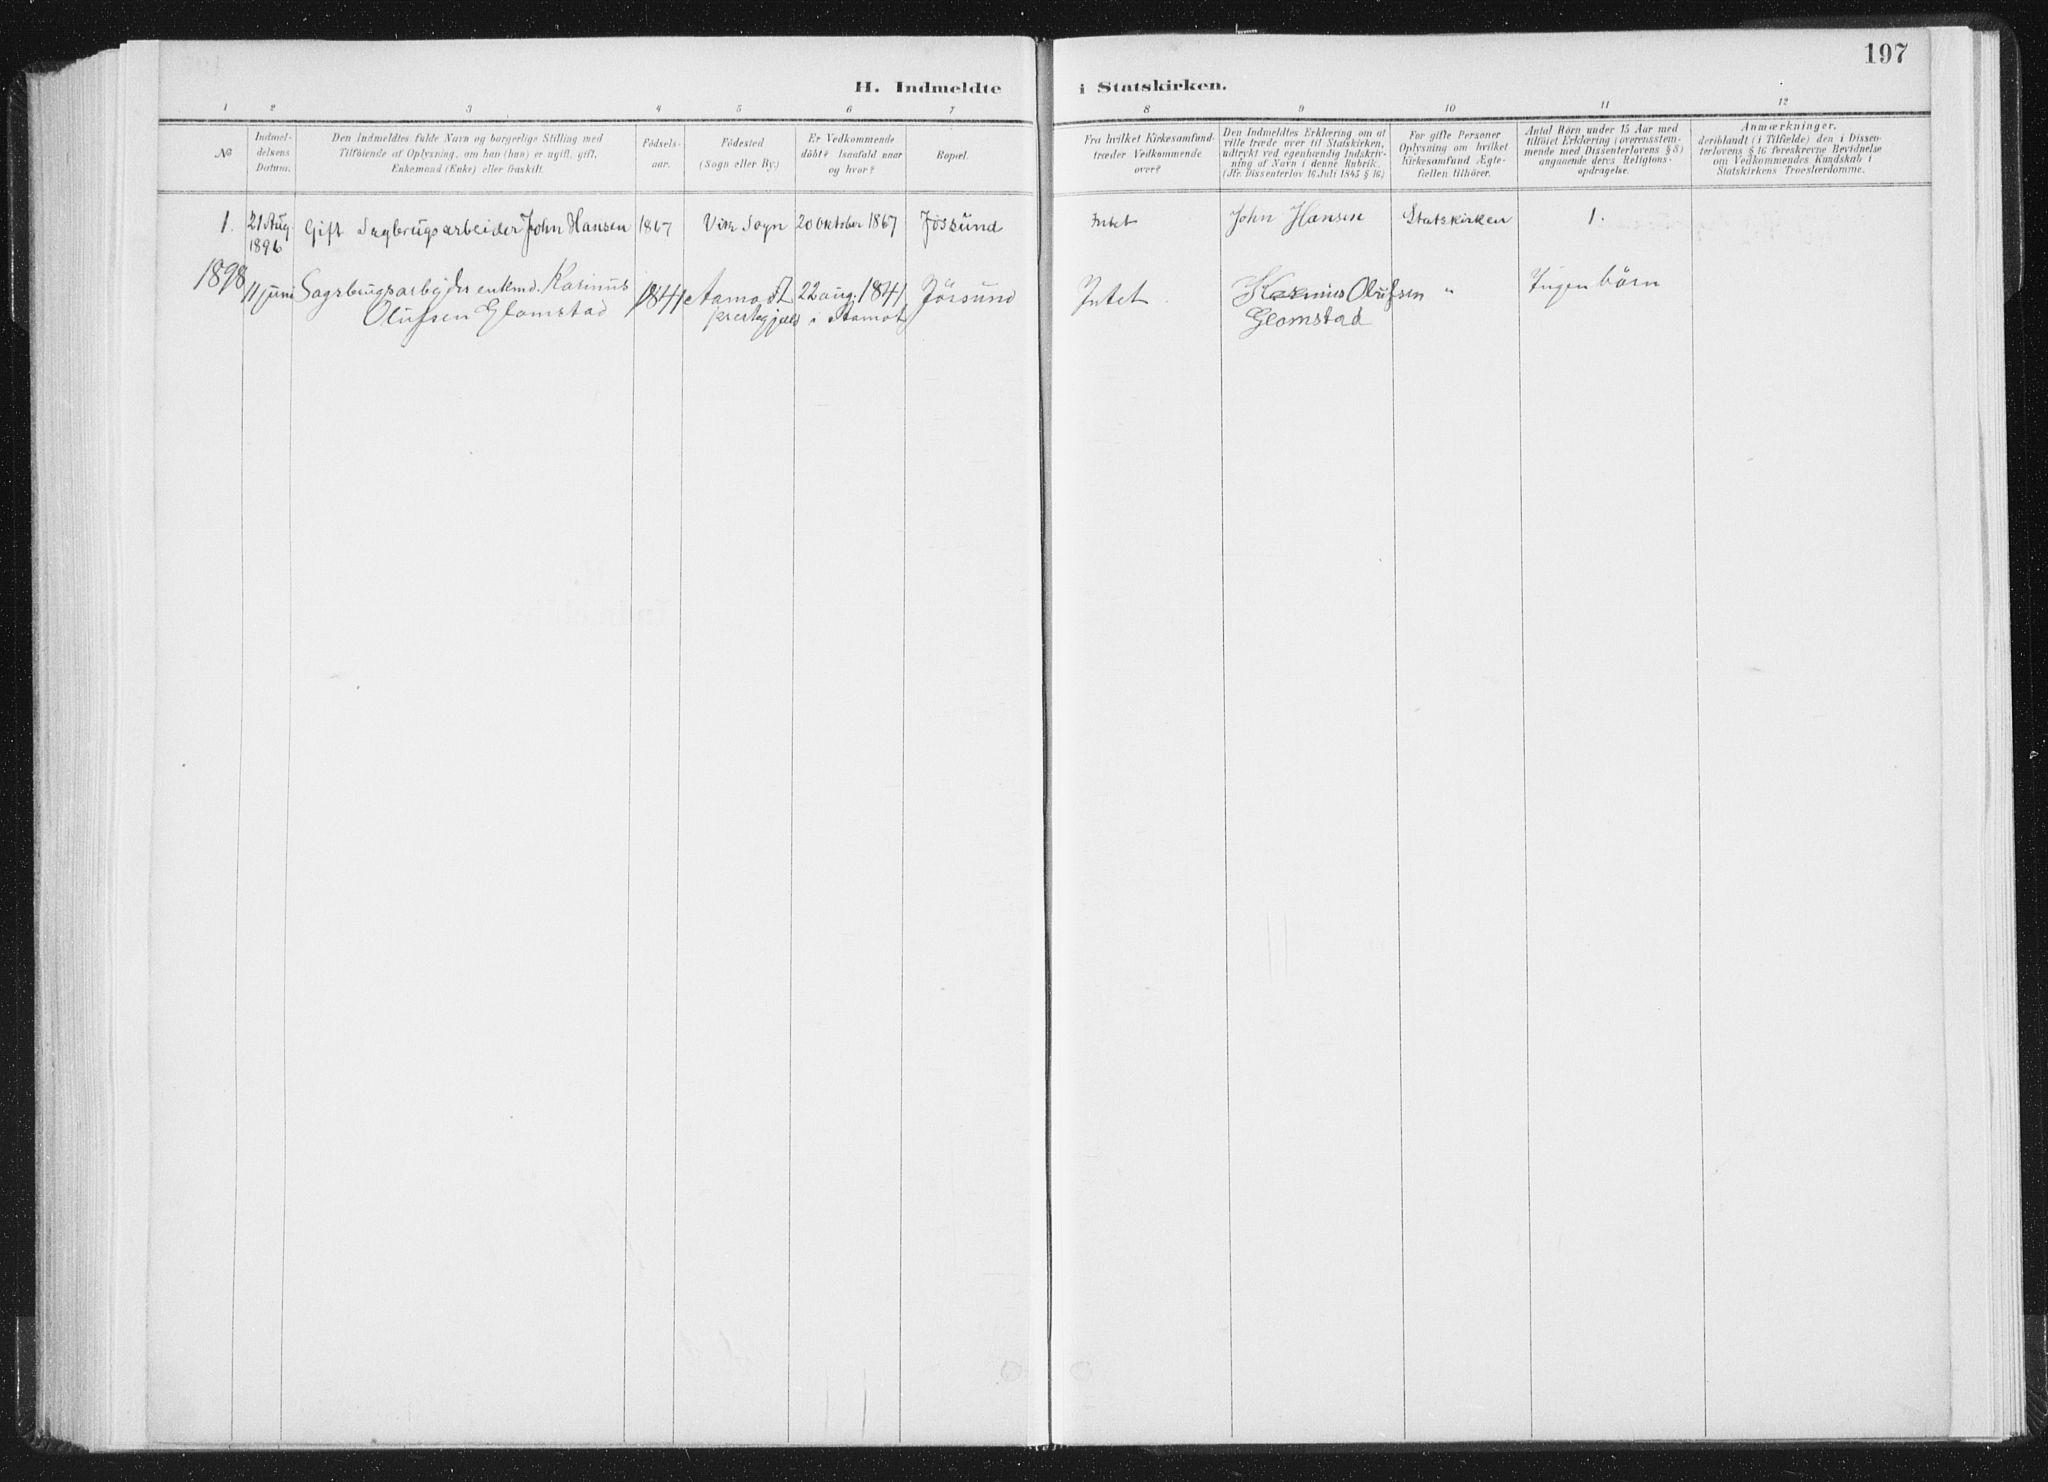 SAT, Ministerialprotokoller, klokkerbøker og fødselsregistre - Nord-Trøndelag, 771/L0597: Ministerialbok nr. 771A04, 1885-1910, s. 197